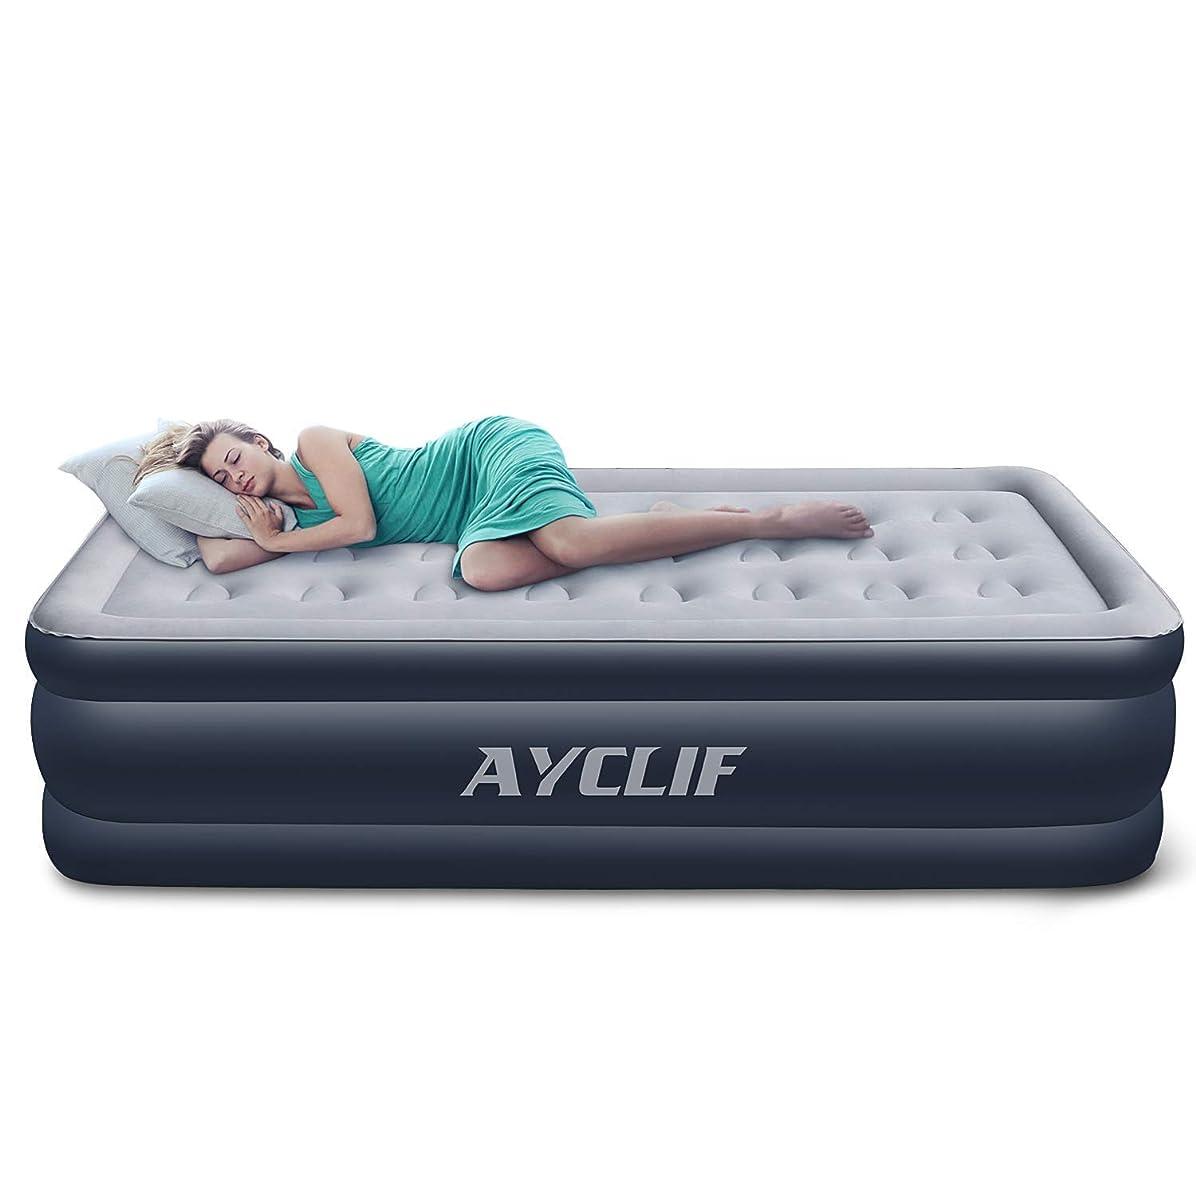 続ける提案する育成AYCLIF エアーベッド シングル サイズ エアベッド 【Cup-Hole】膨脹式 電動ポンプ 内蔵 空気ベッド